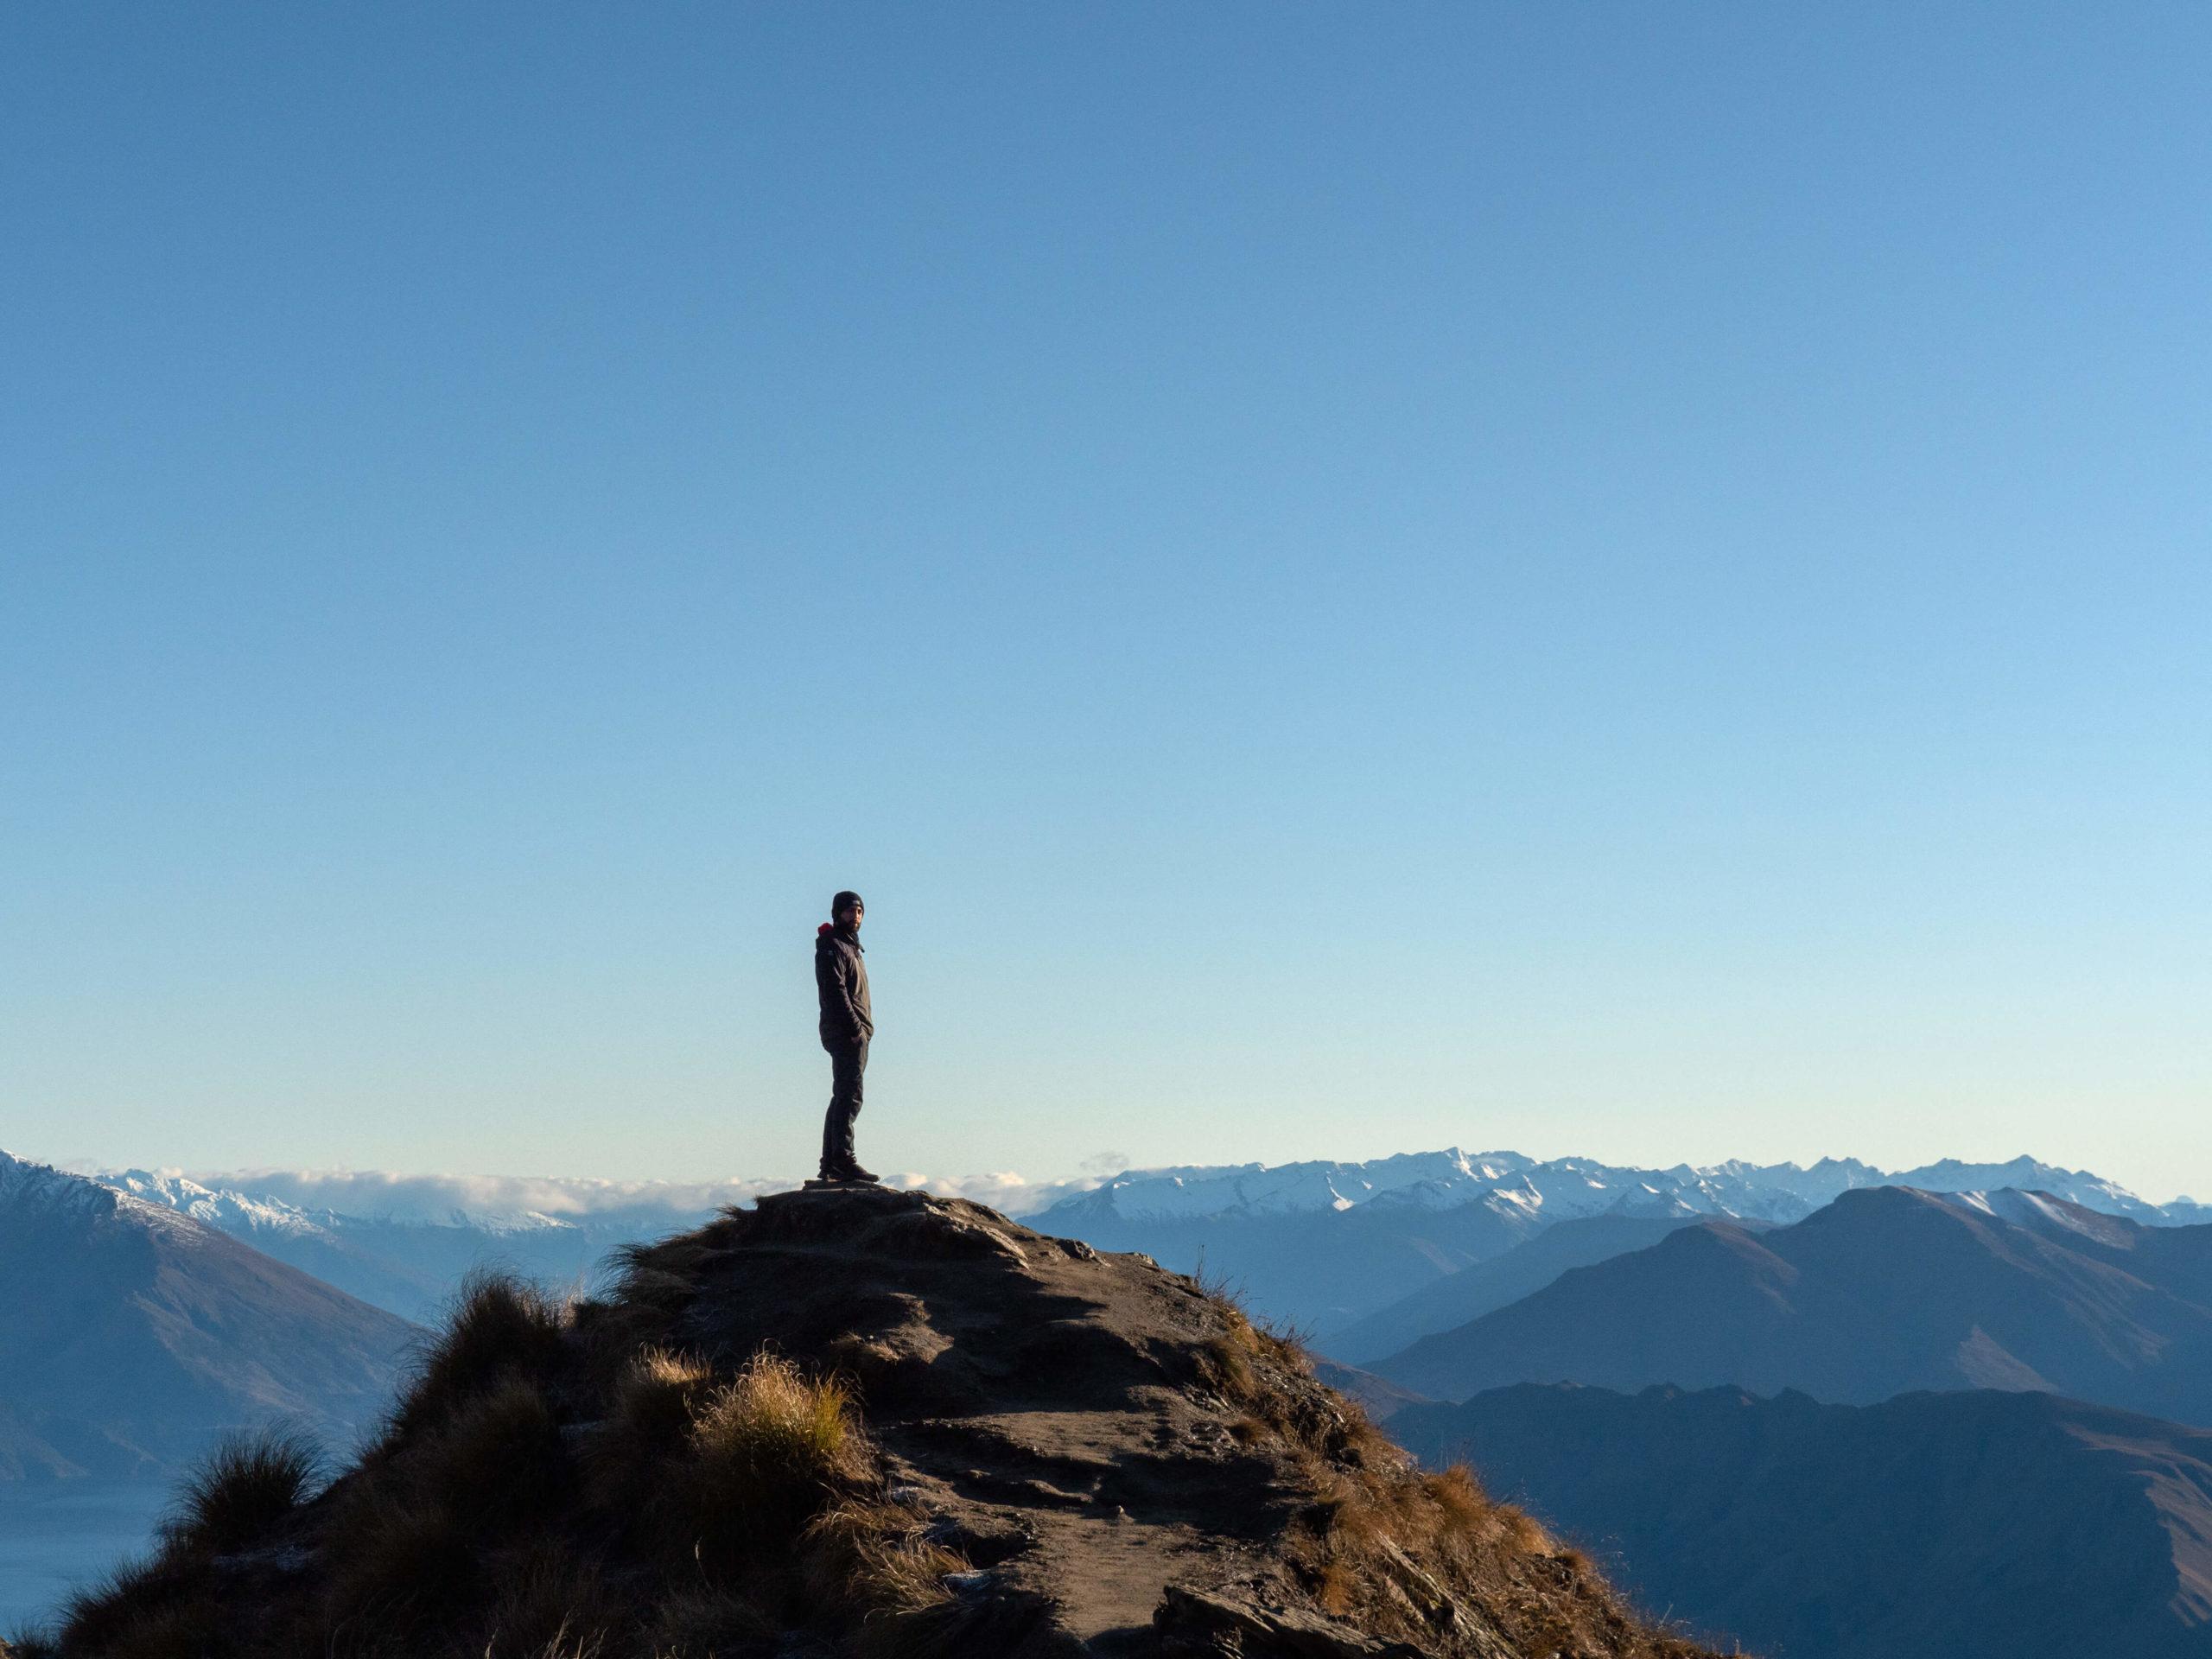 Antoine au sommet du pic Roy